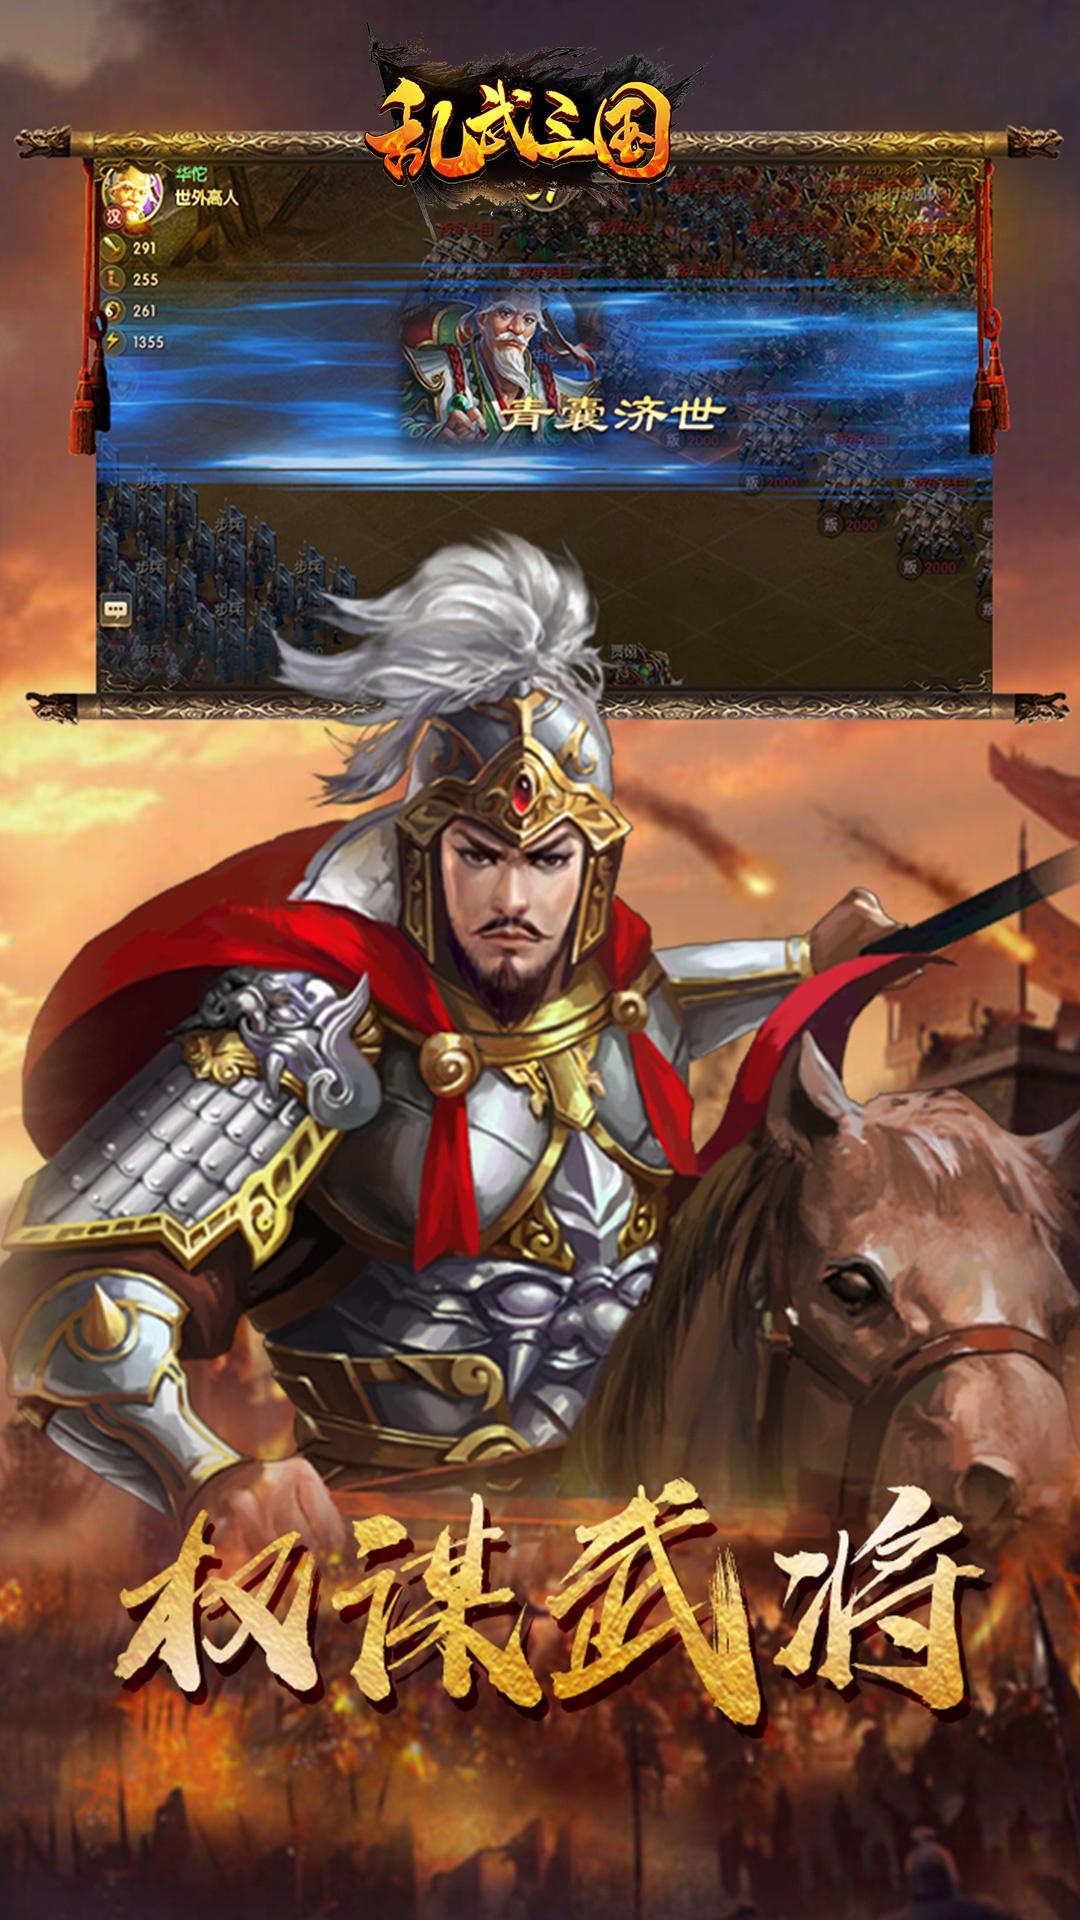 乱武三国游戏截图1